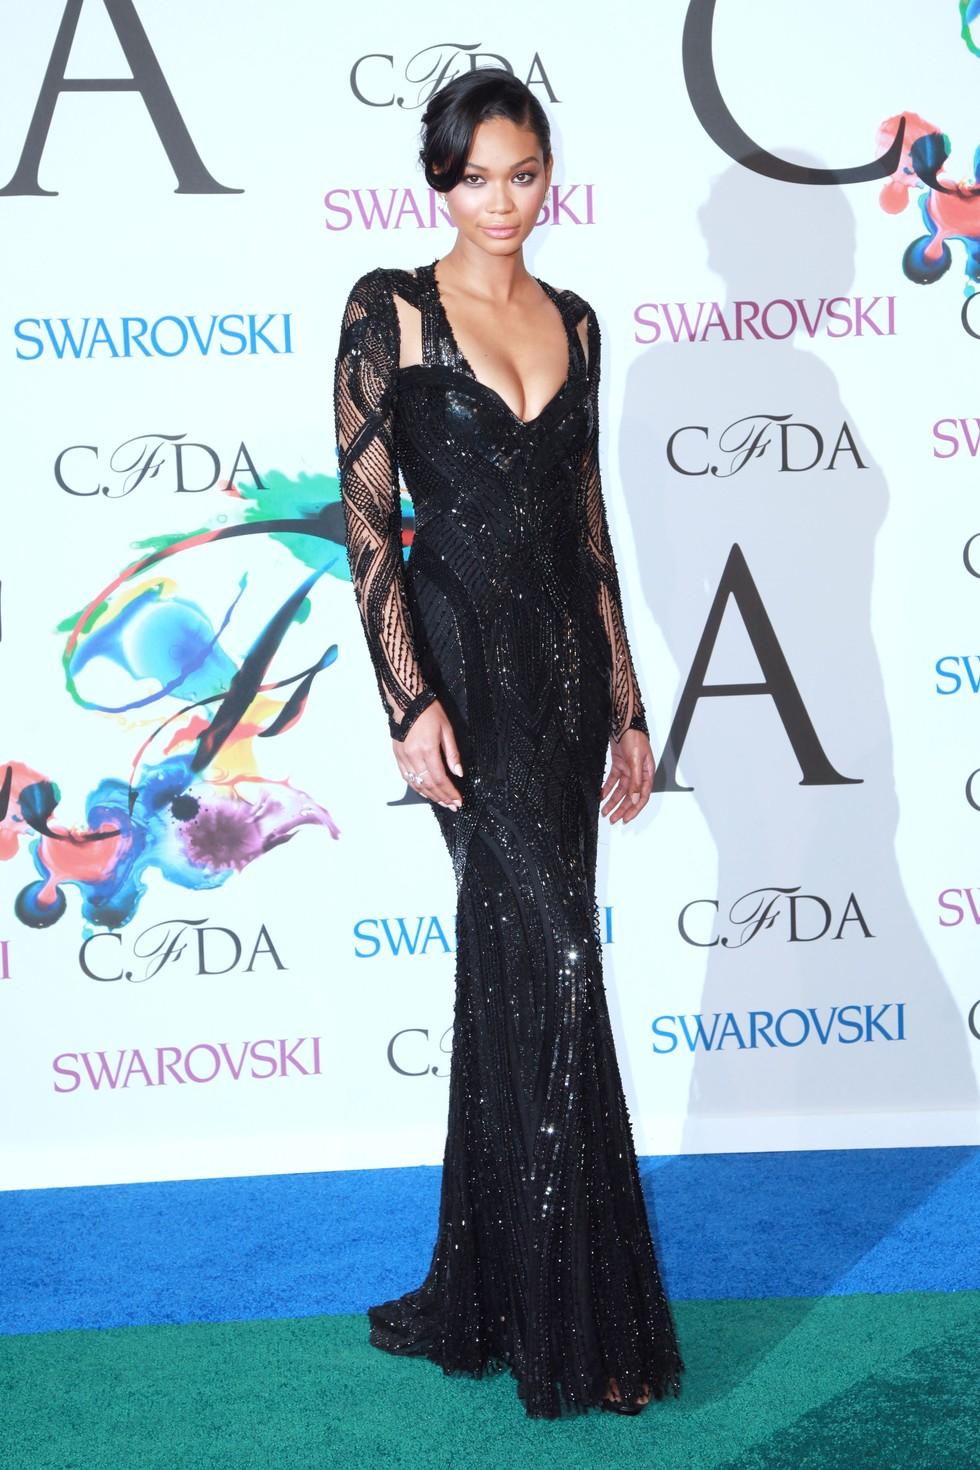 CFDA Awards 2014